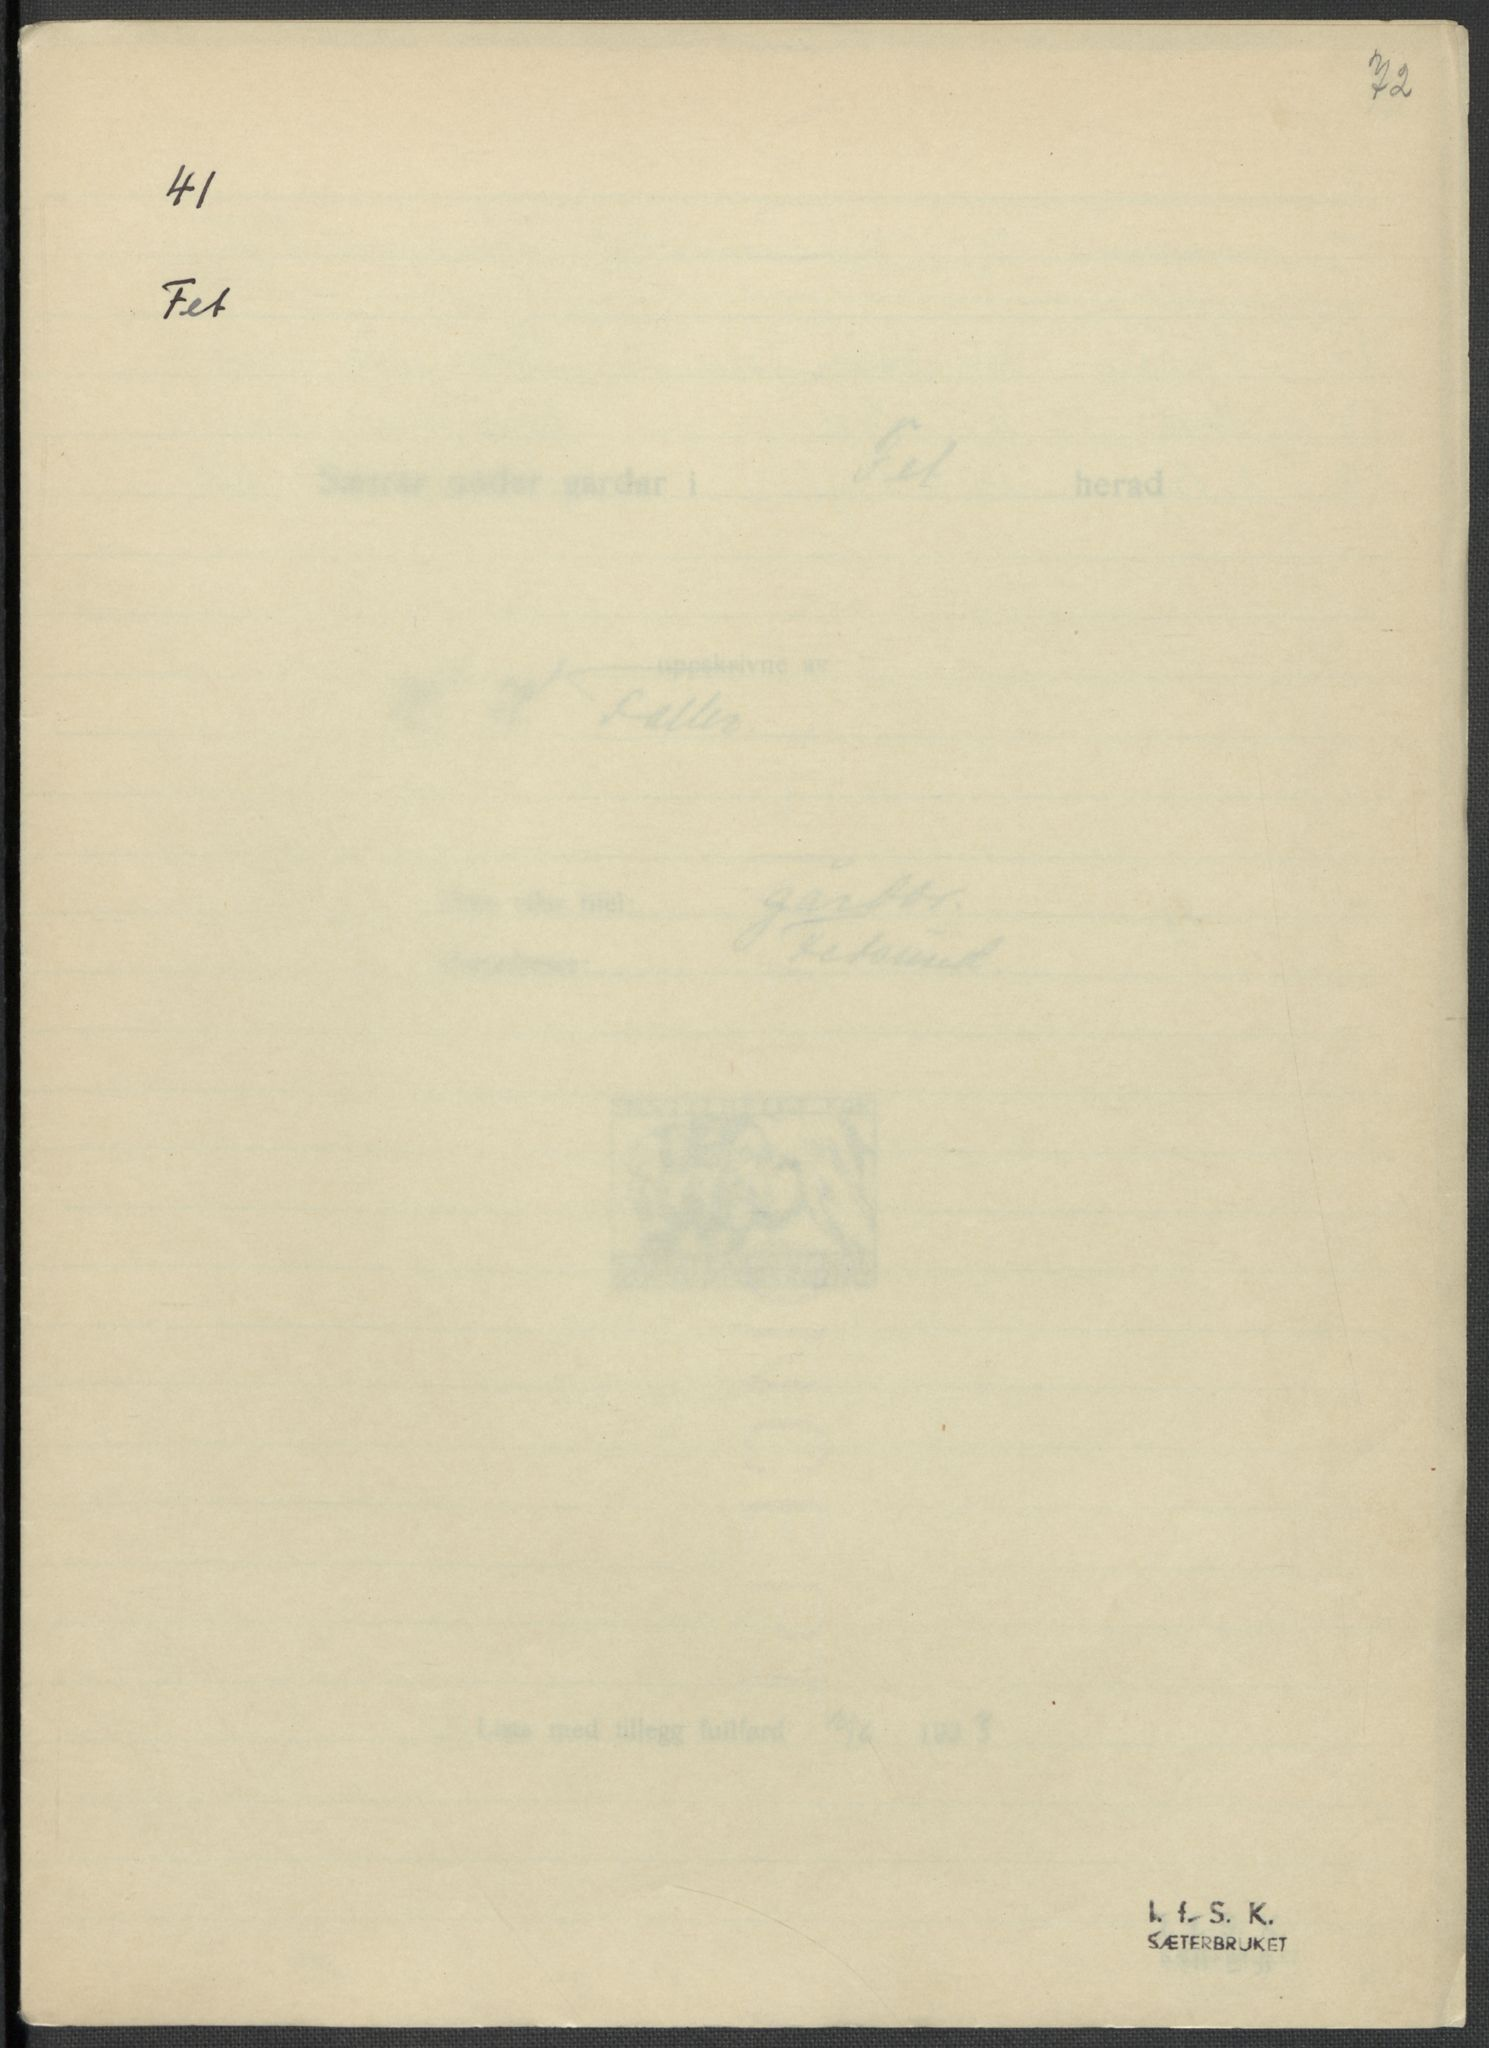 RA, Instituttet for sammenlignende kulturforskning, F/Fc/L0002: Eske B2:, 1932-1936, s. 72